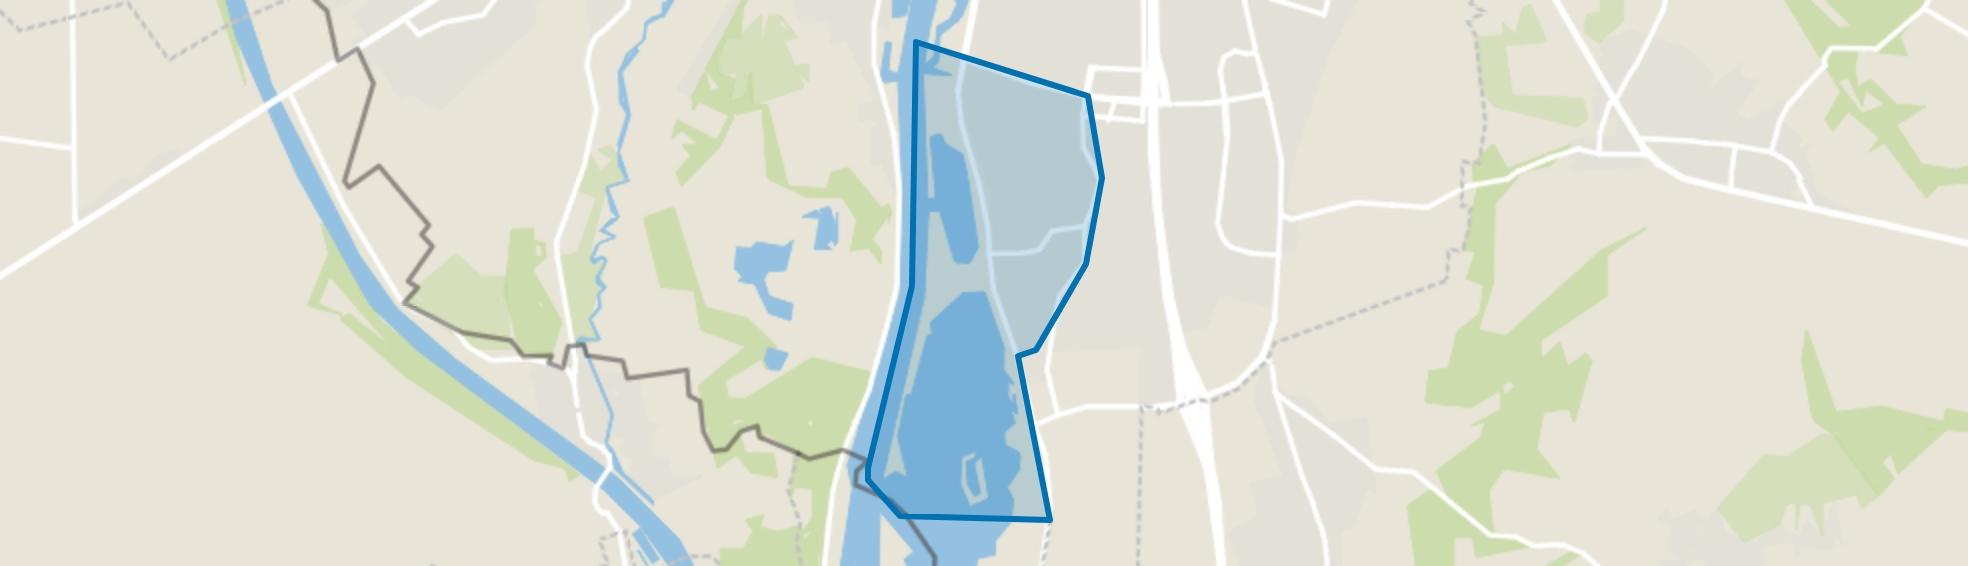 Heugem, Maastricht map